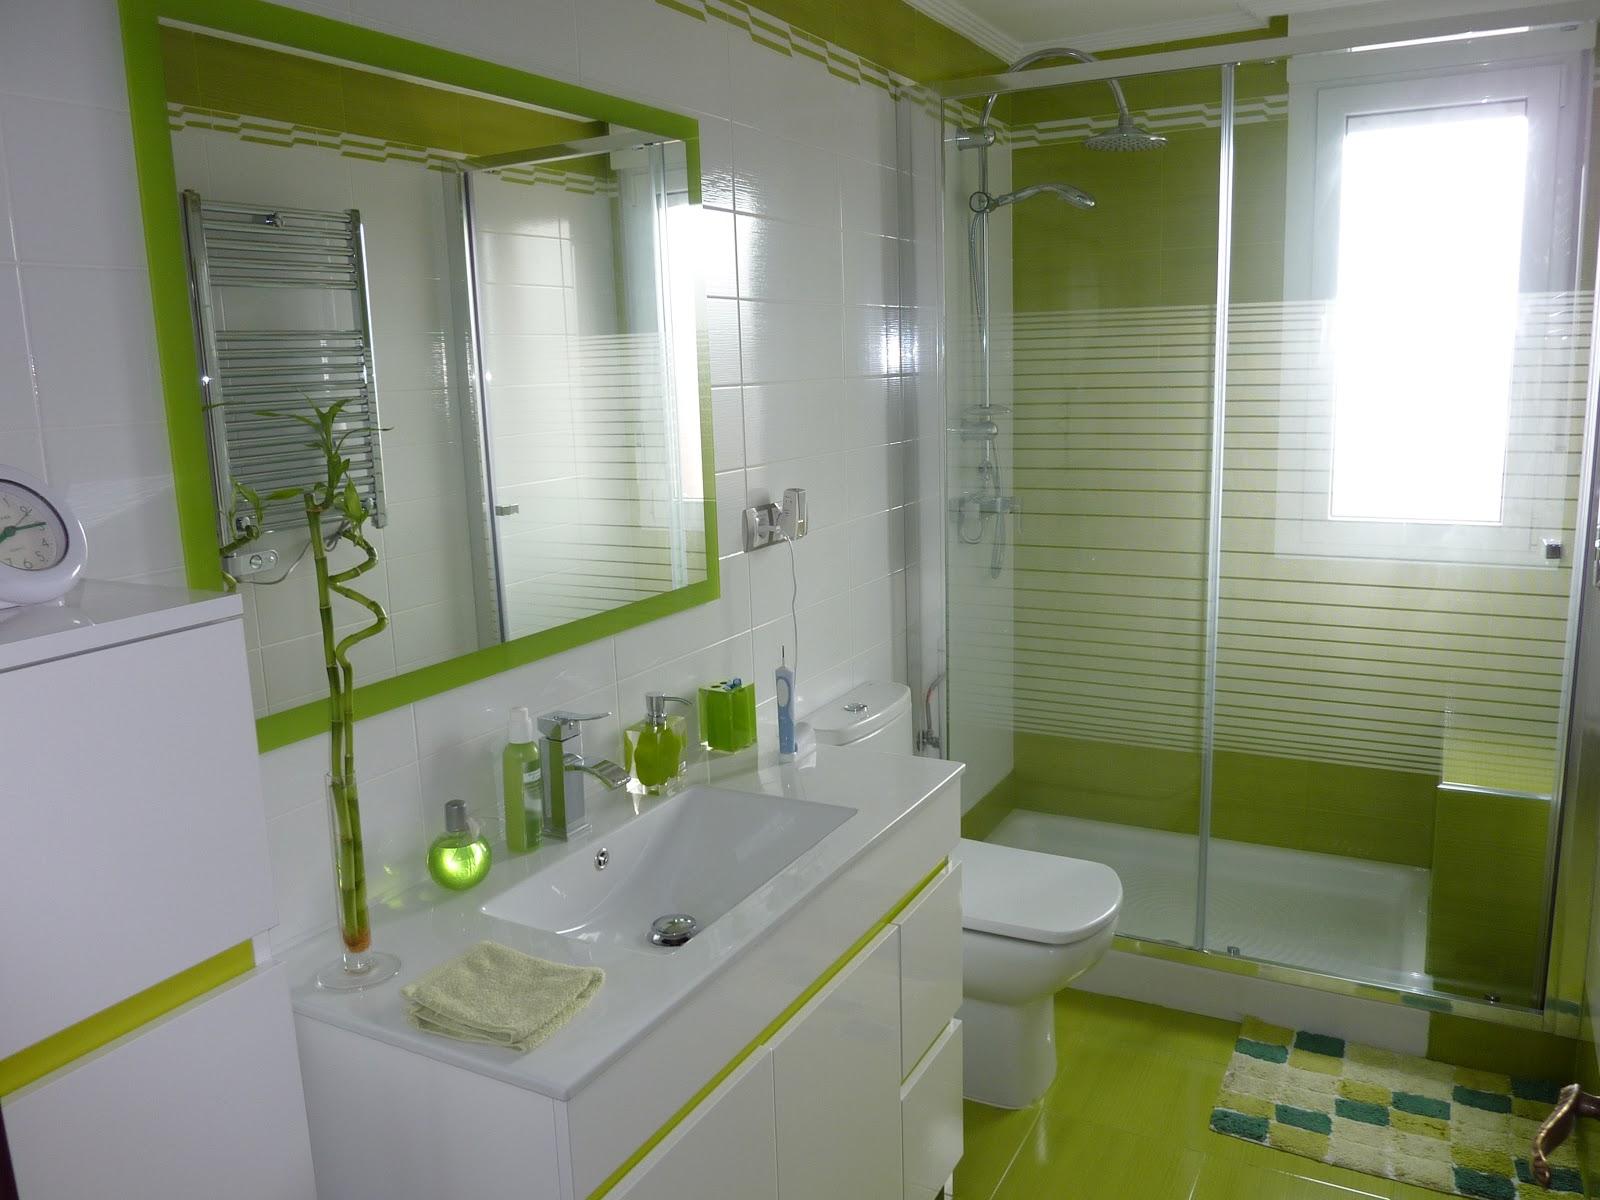 Baño Verde Con Blanco:Publicado por servireformas servireformas gijon en 2:34 No hay